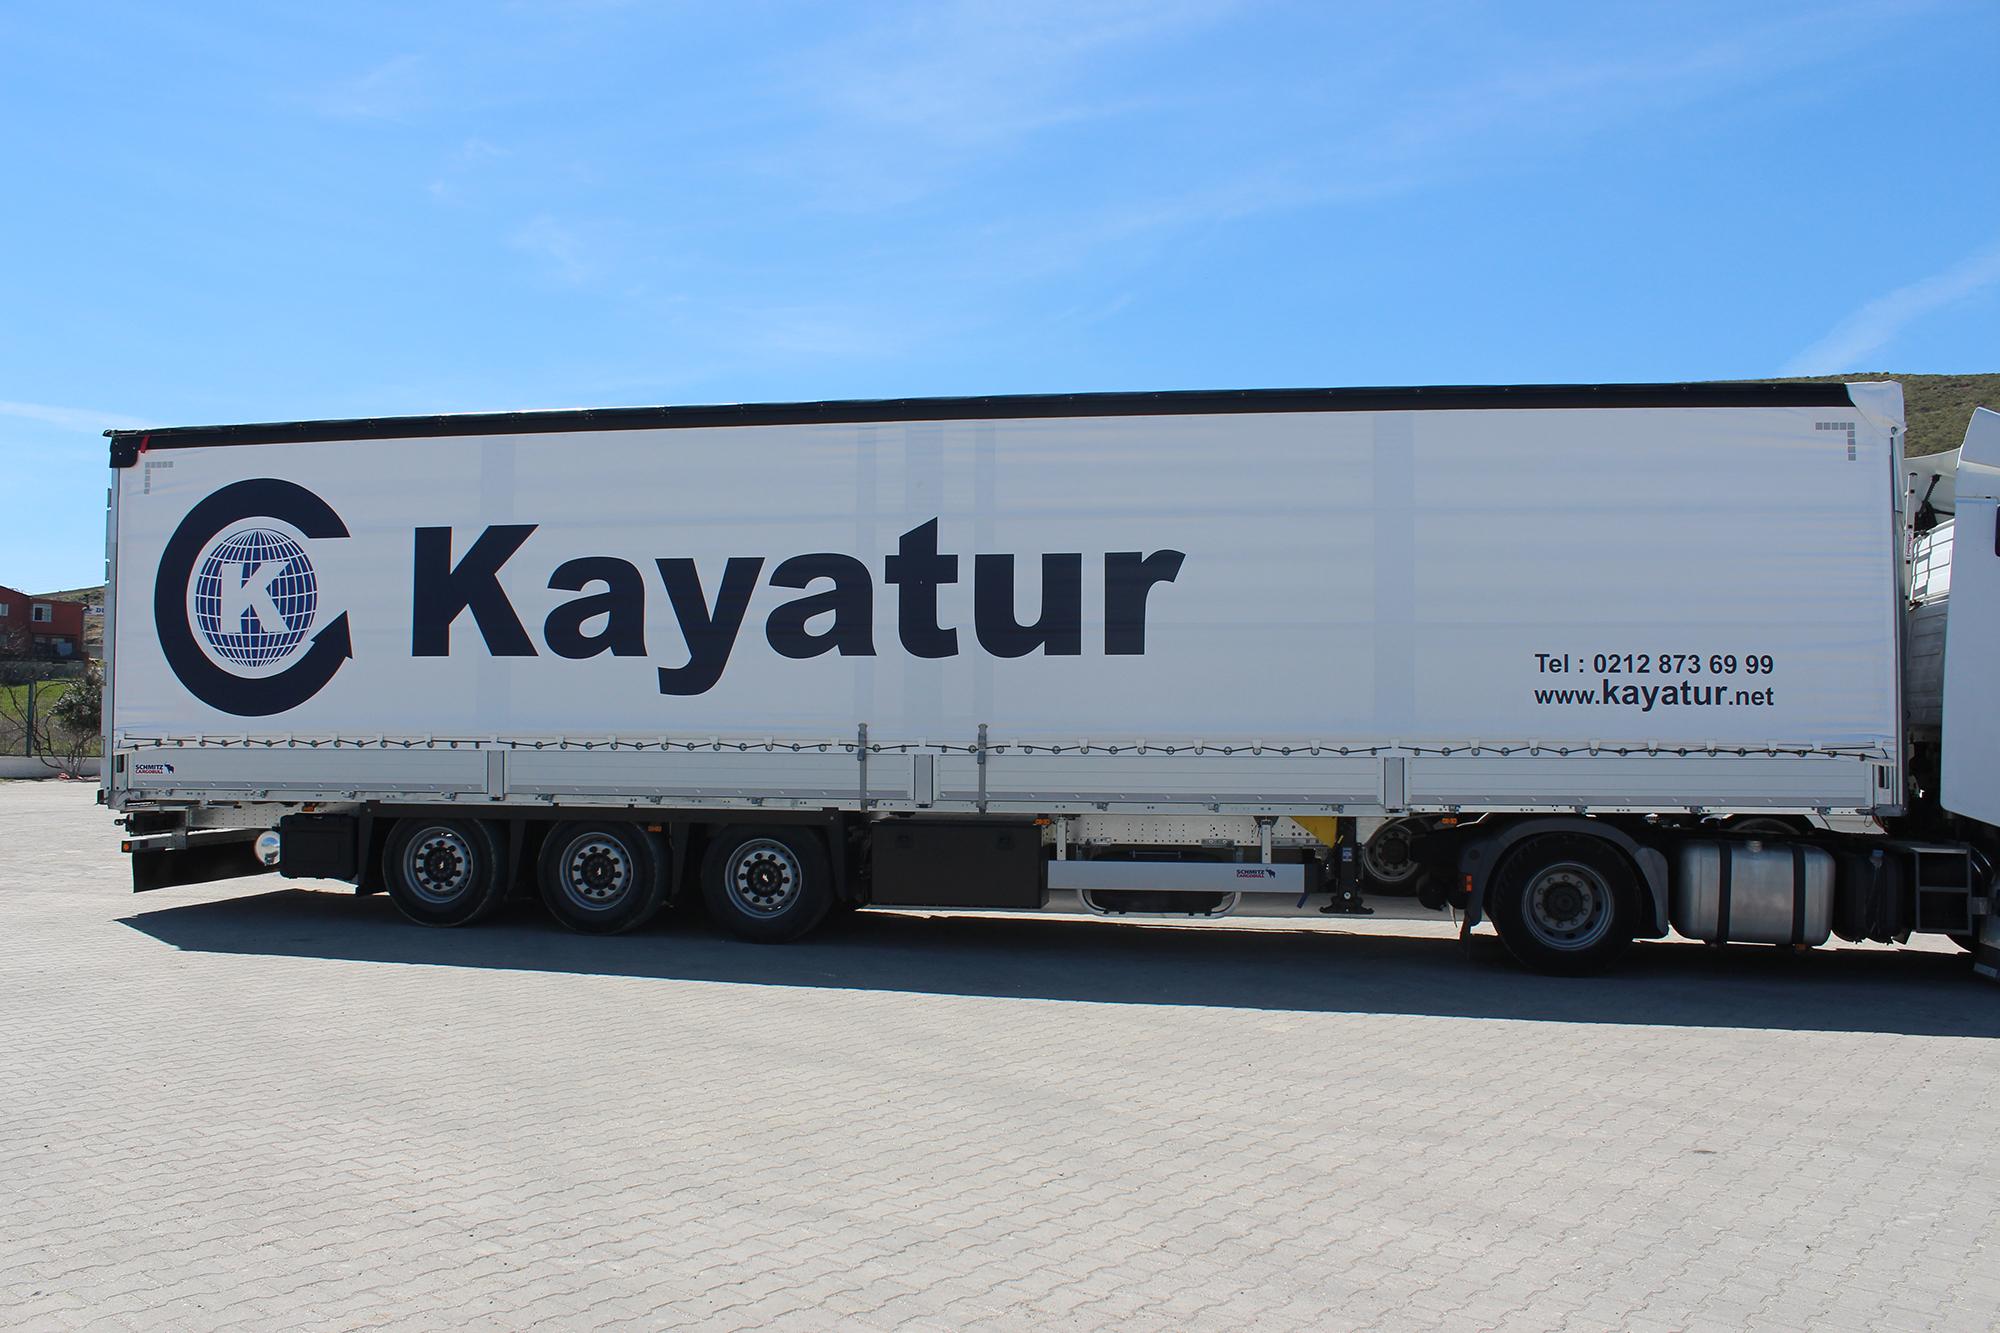 kayatur-lojistik-schmitz-cargobull.jpg